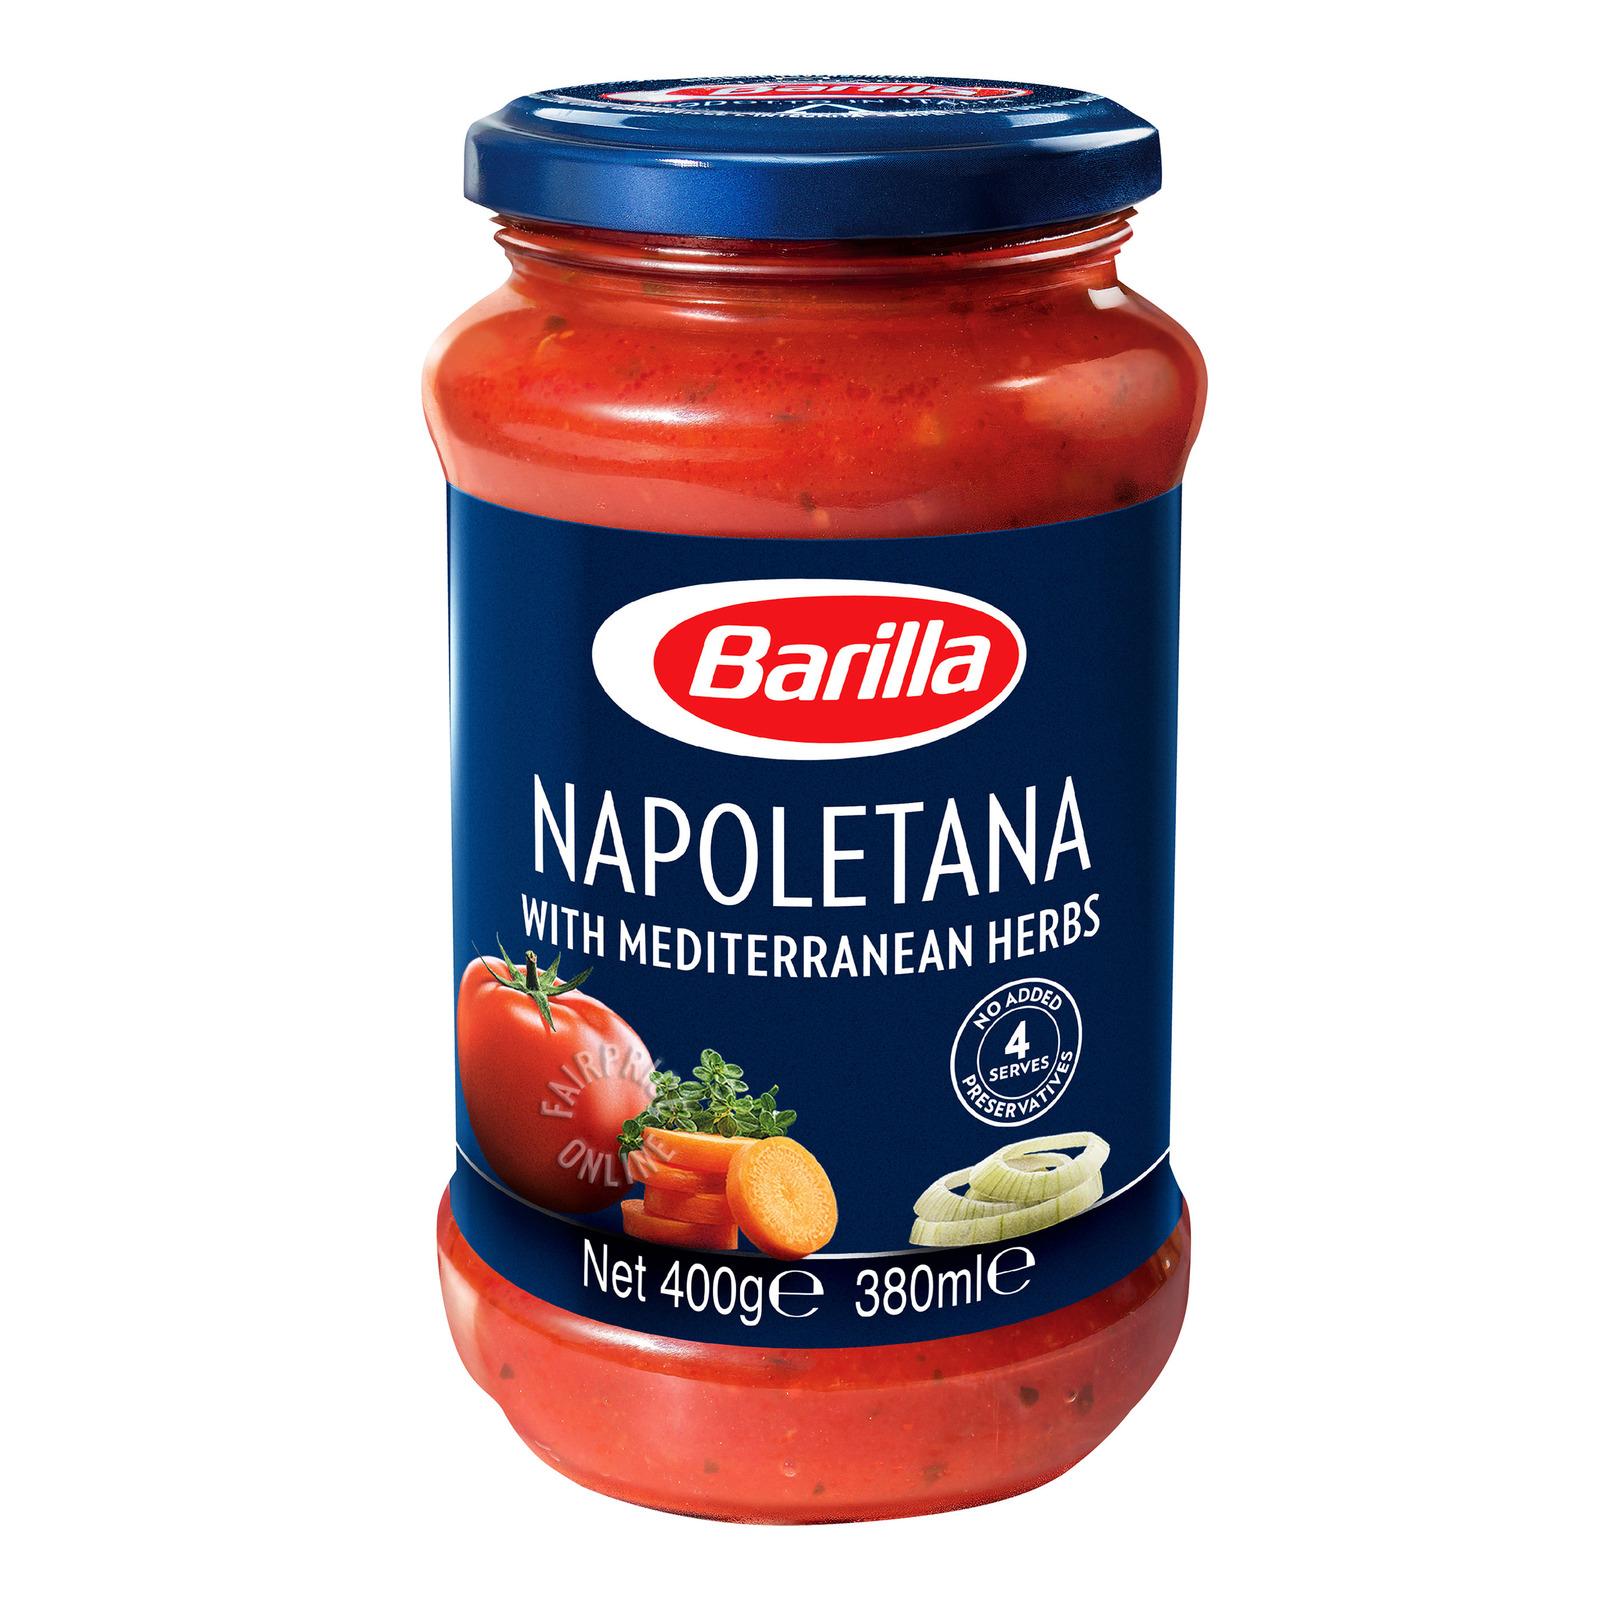 Barilla Pasta Sauce - Napoletana